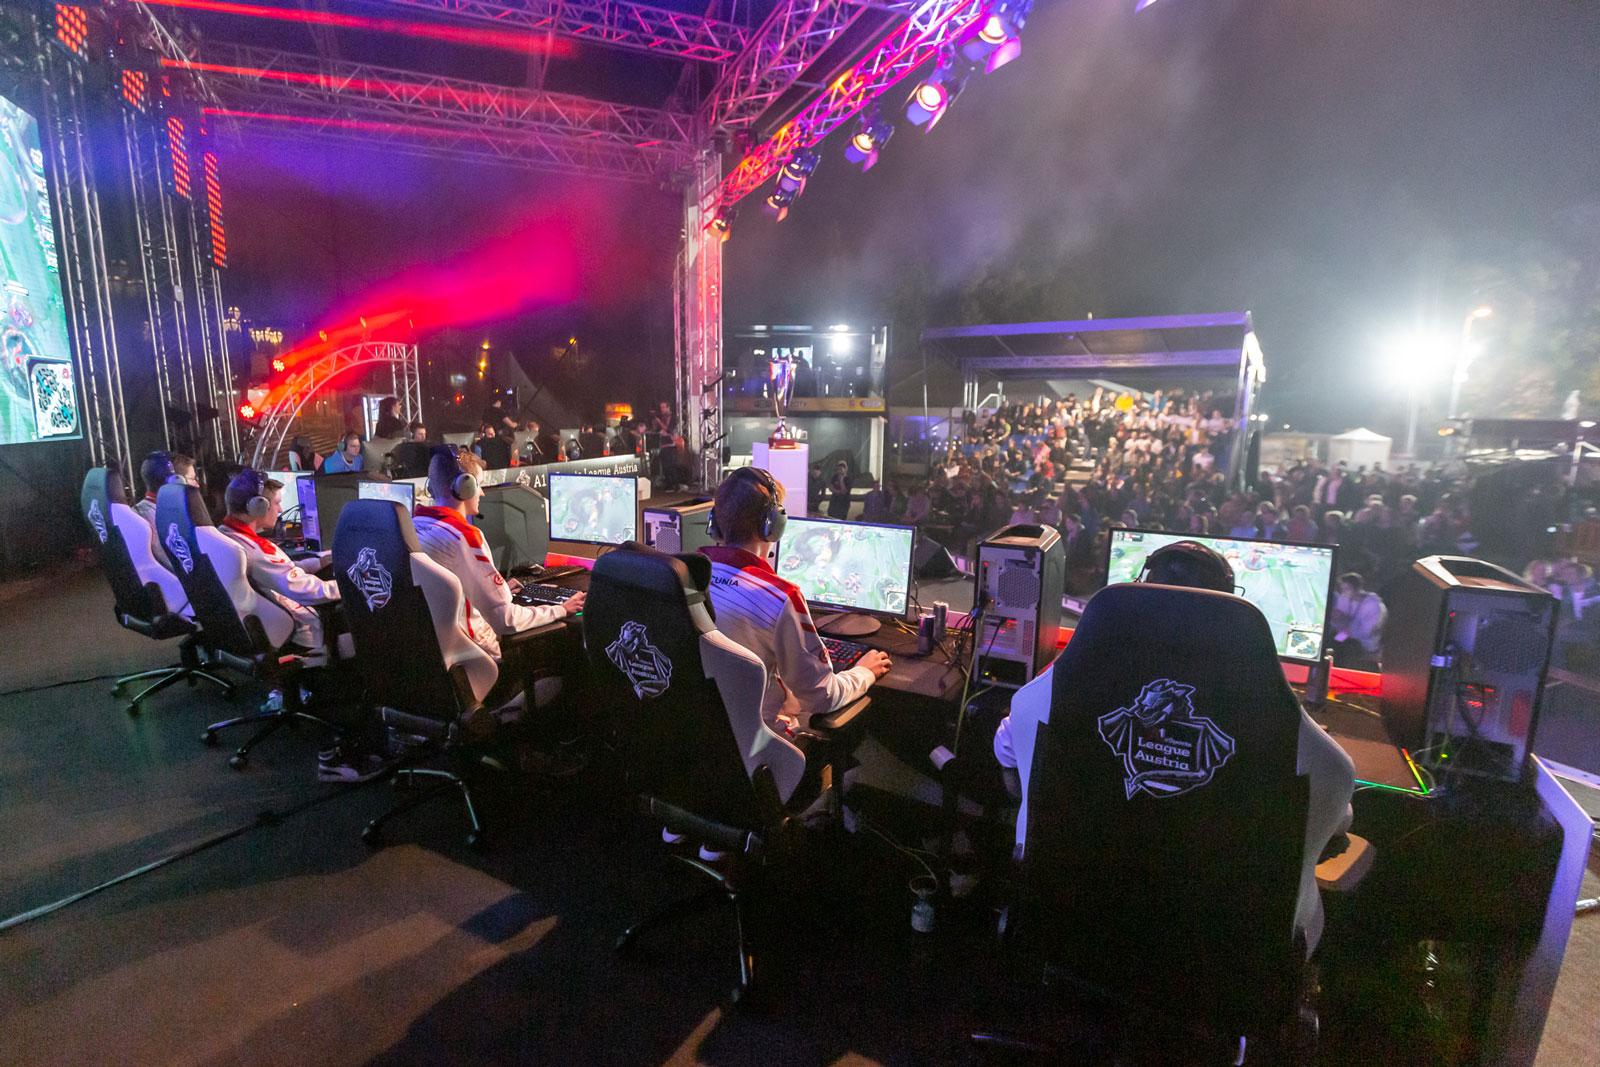 eSport-Turniere werden auch in Sportarenen unter freiem Himmel ausgetragen.